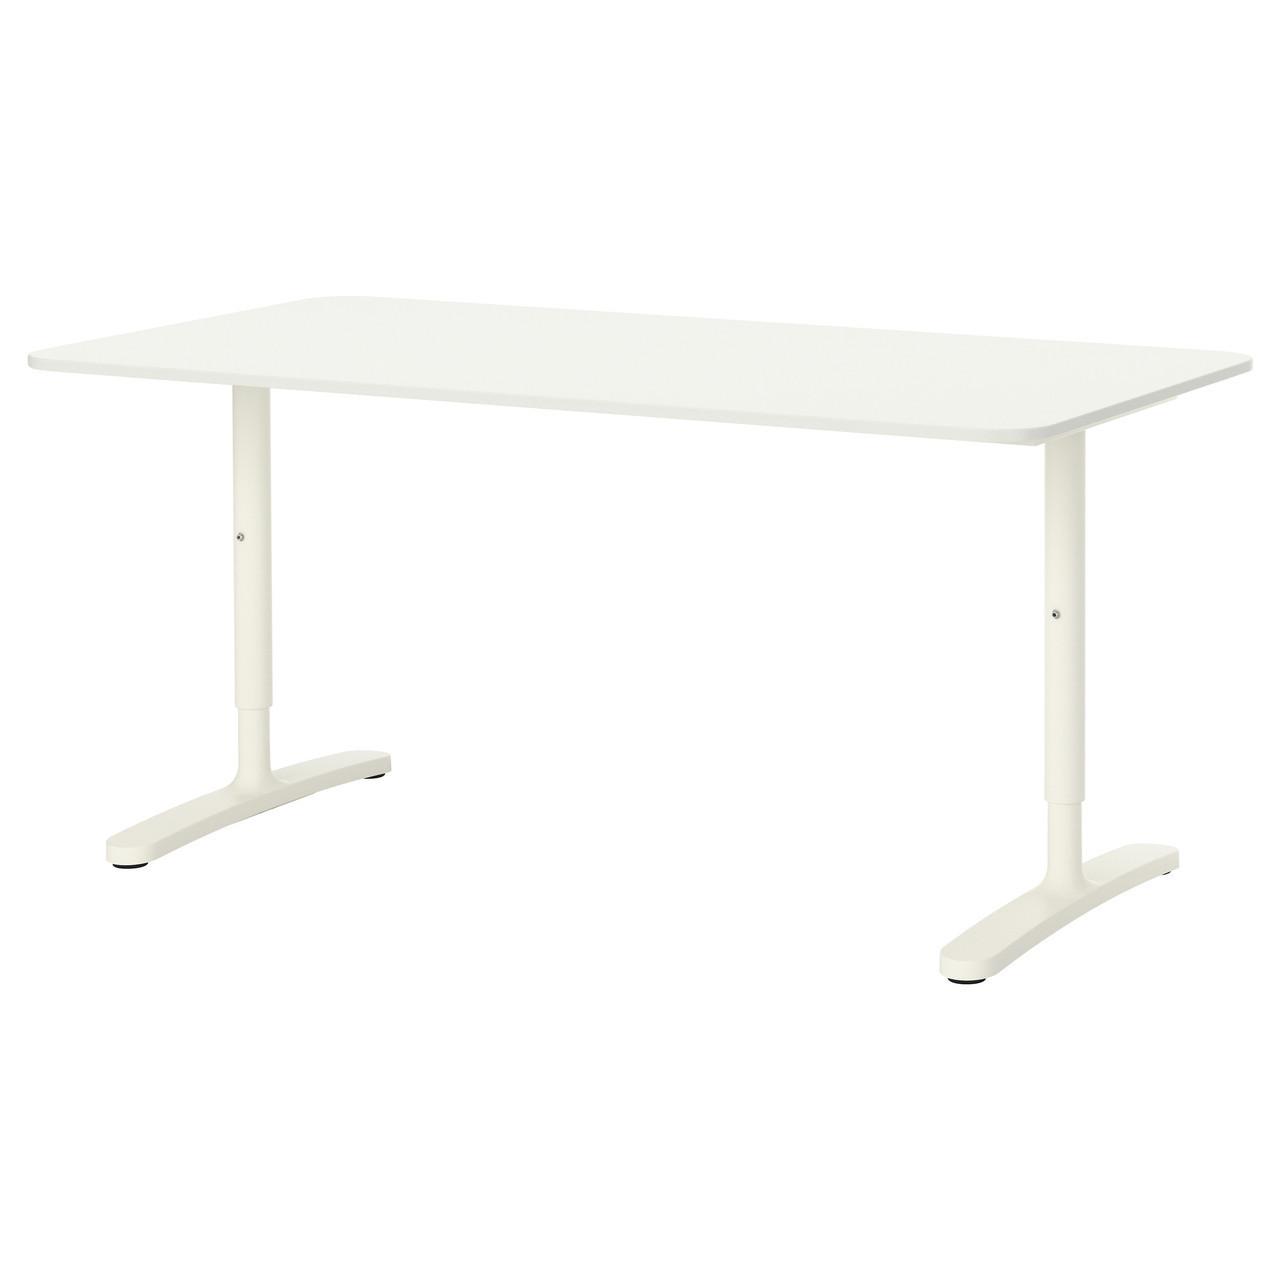 Письмовий стіл IKEA BEKANT см 160x80 білий 190.228.08